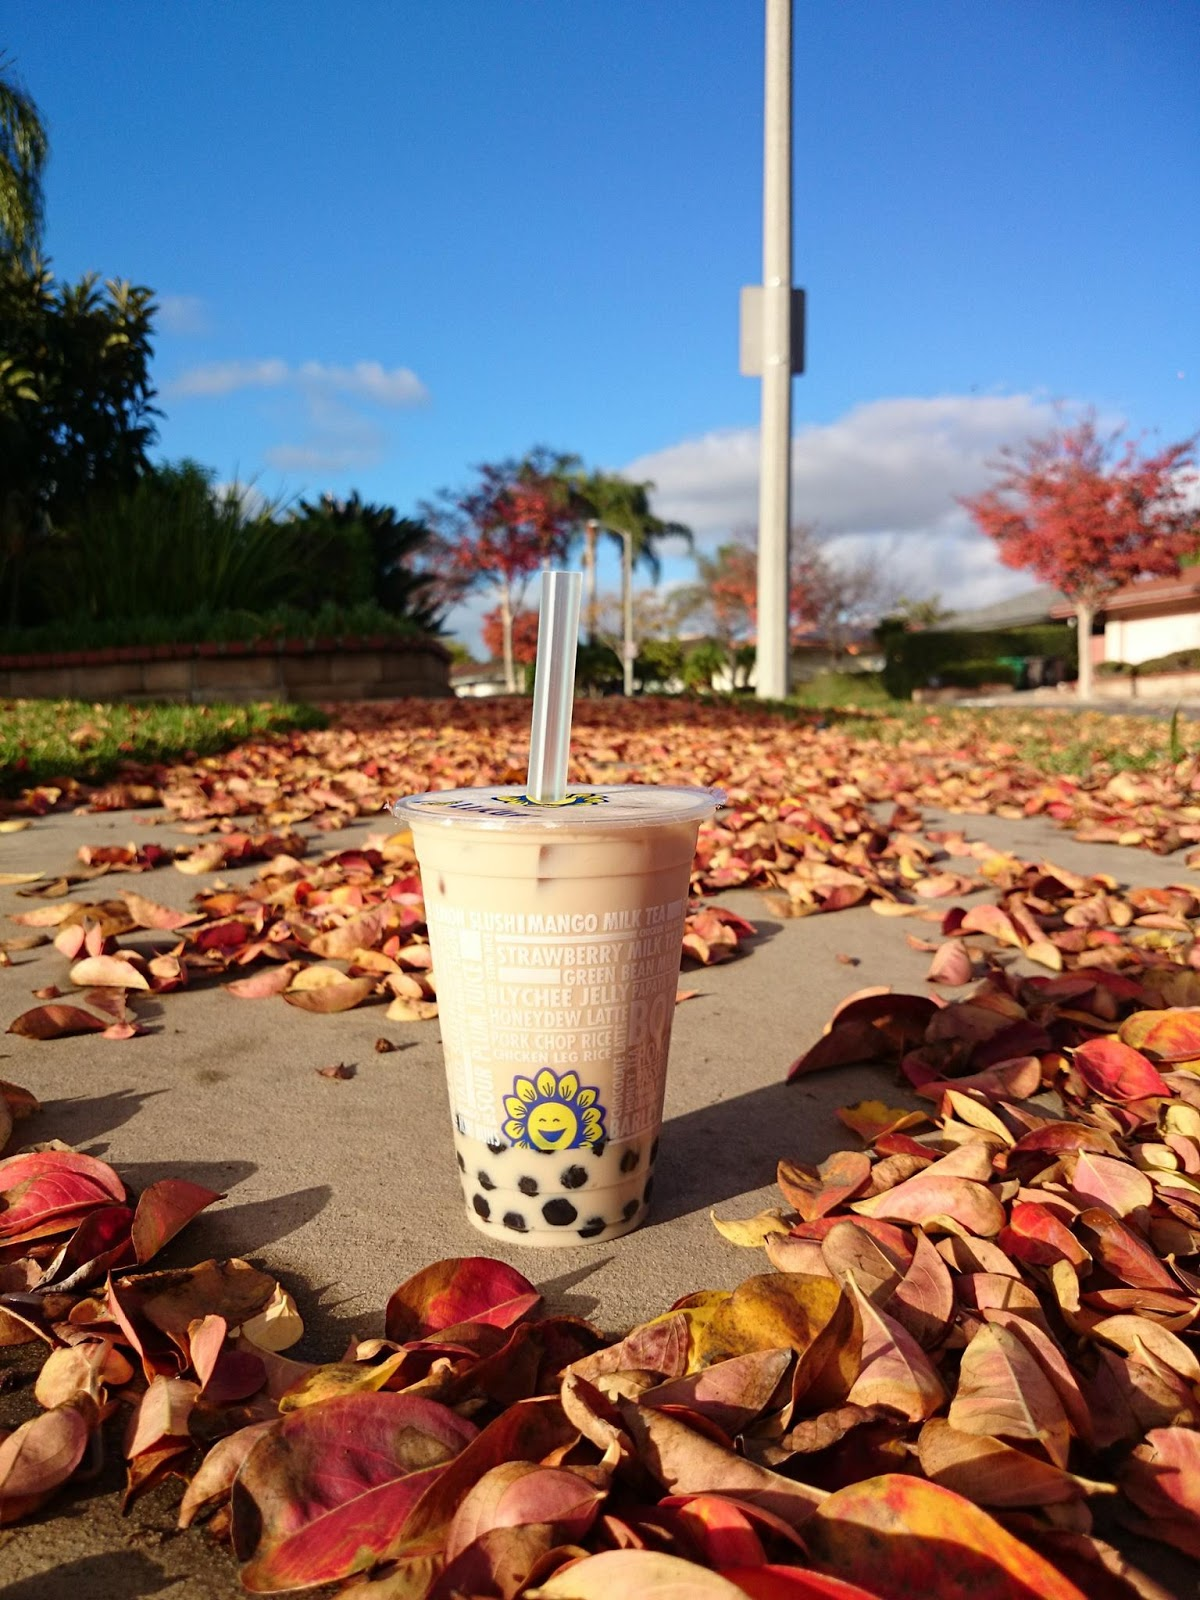 挑食多: [美國美食]Lollicup樂立杯~美國珍珠奶茶連鎖店~bubbletea~加州~給自己一個假期~